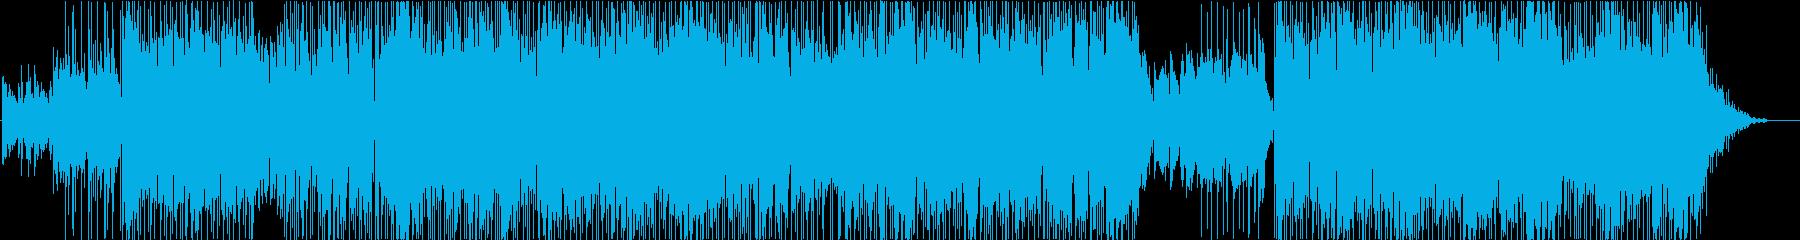 コーラス入りミドルテンポなフュージョンの再生済みの波形